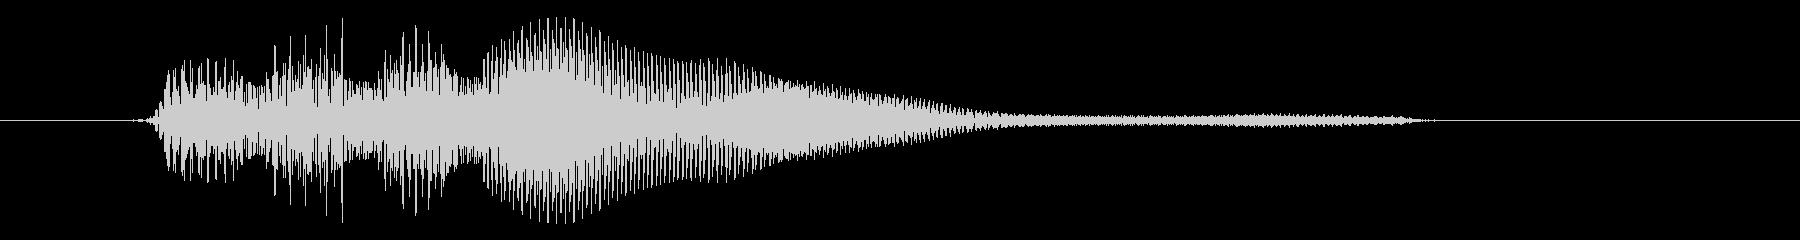 パラランッ。 アップ音。の未再生の波形